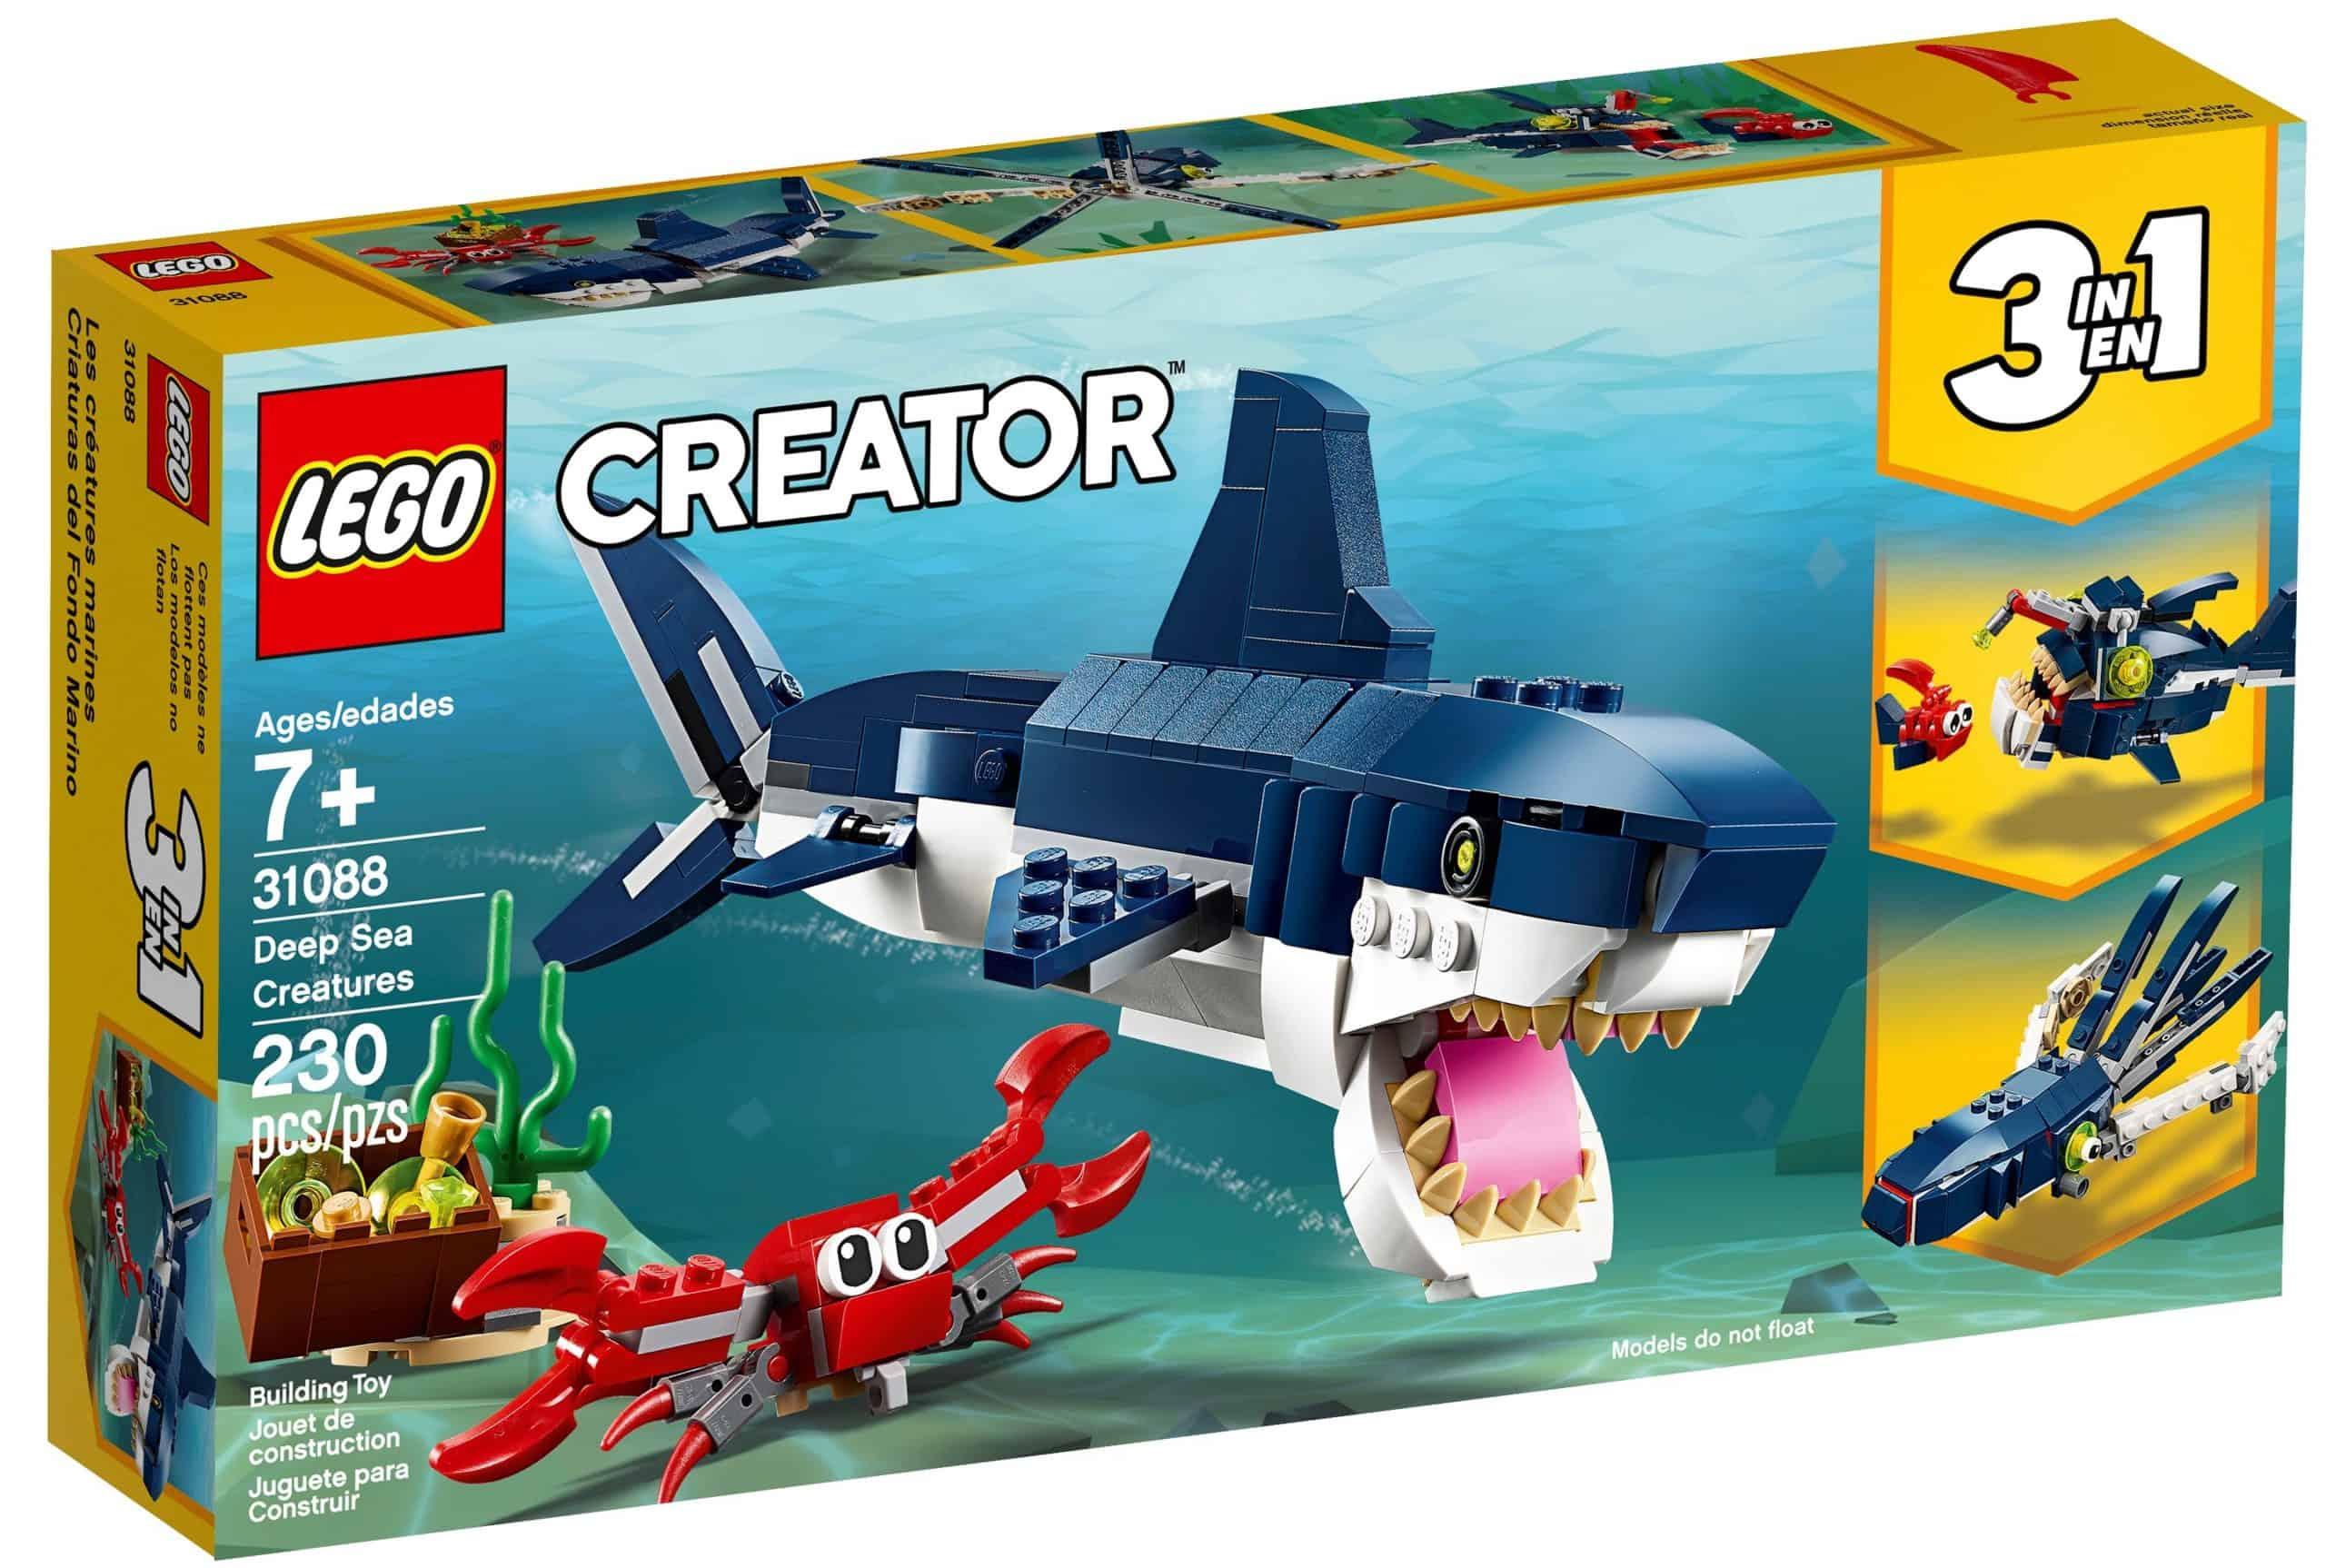 lego 31088 bewohner der tiefsee scaled